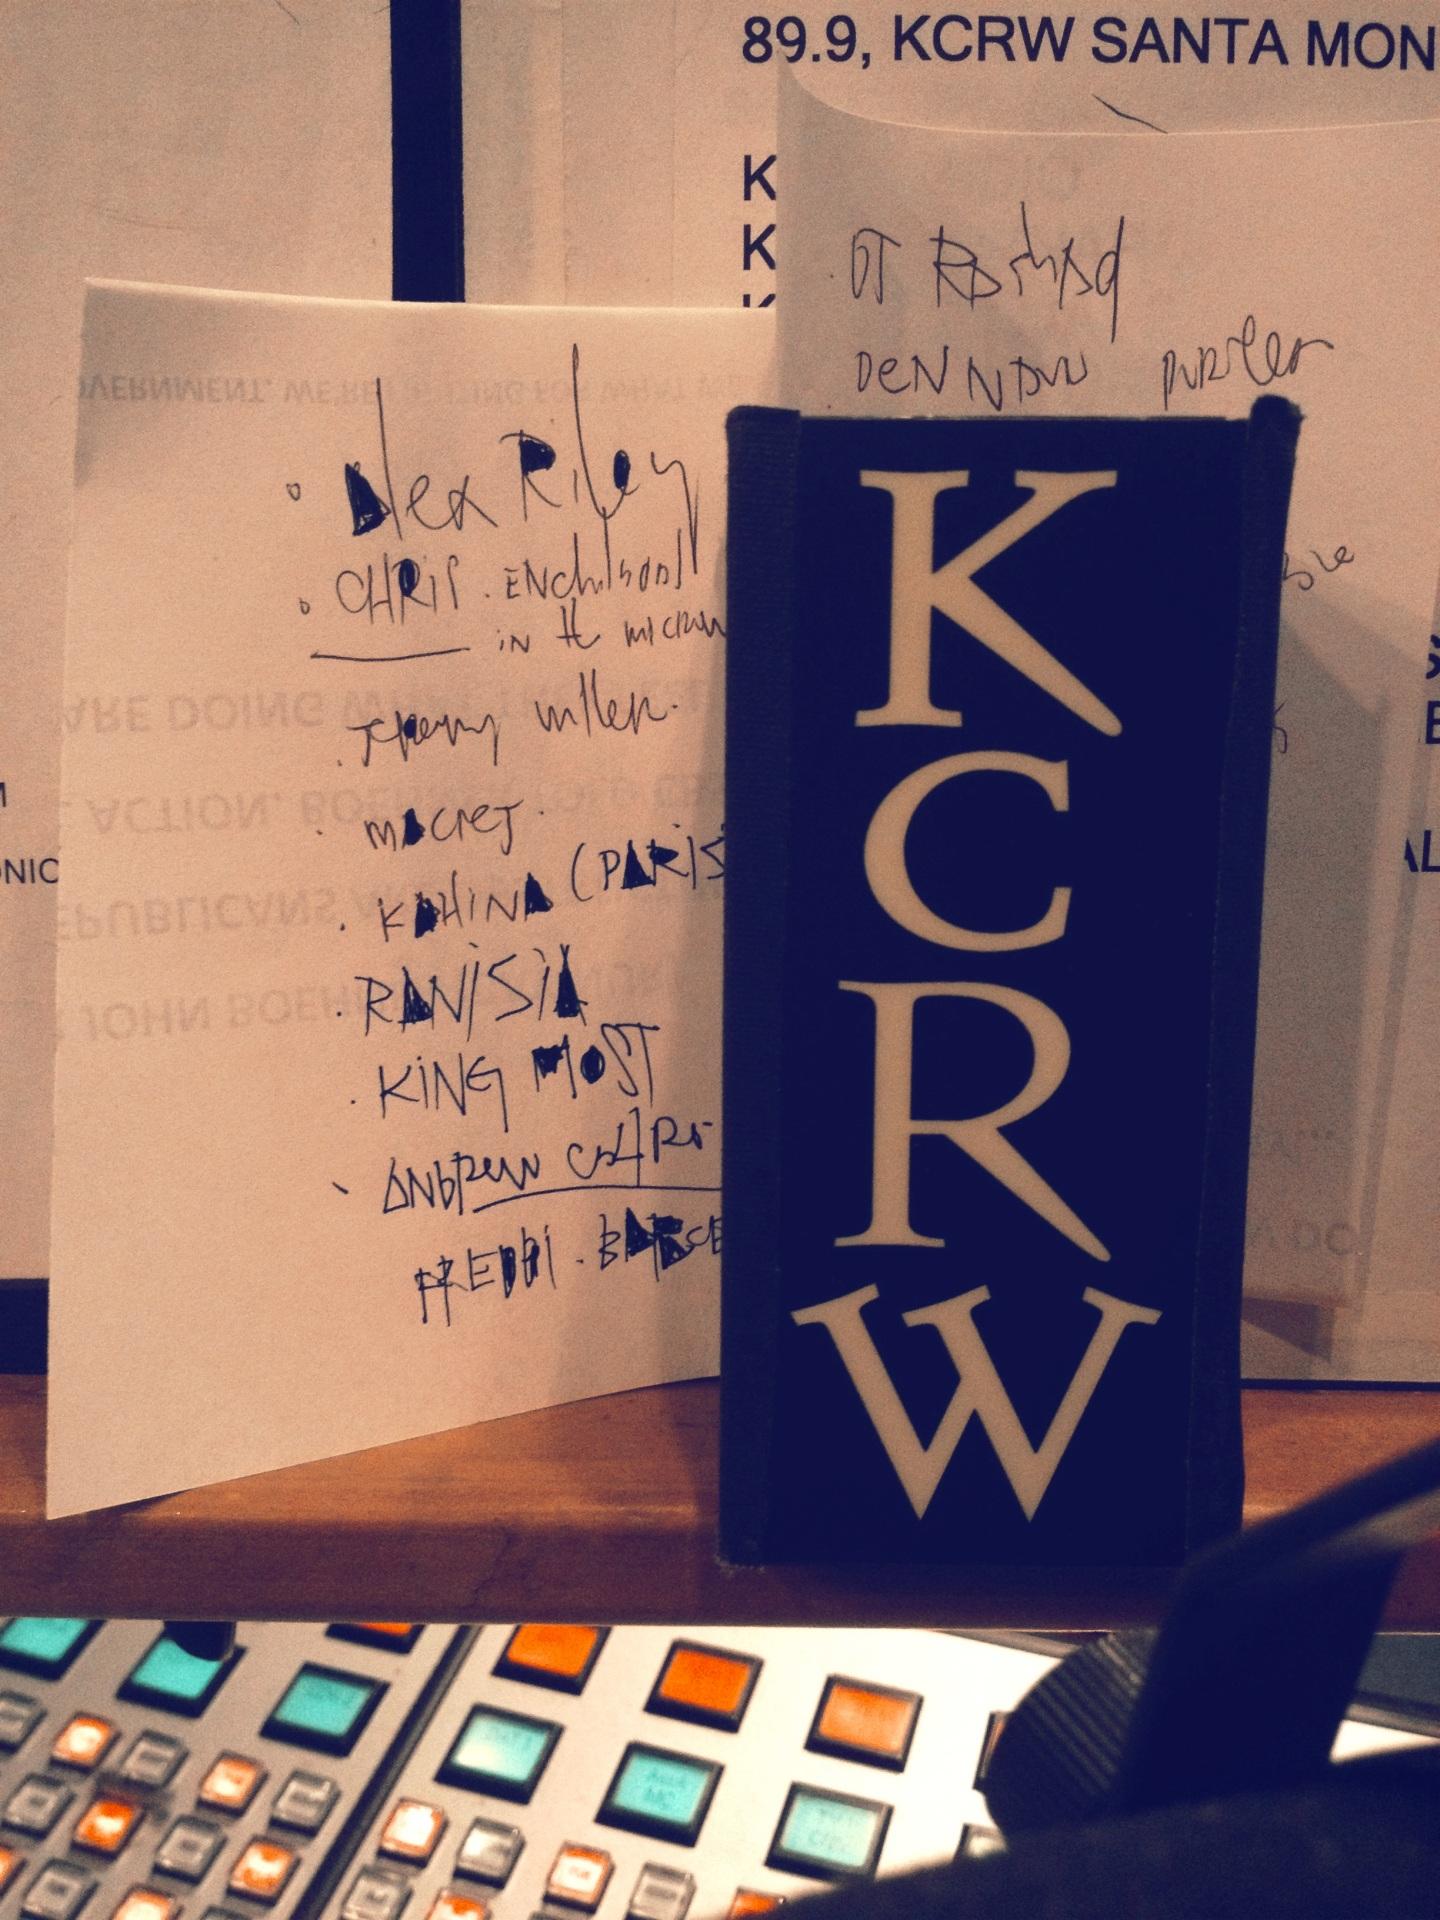 KCRW PLAYLIST | 23 JULY2013